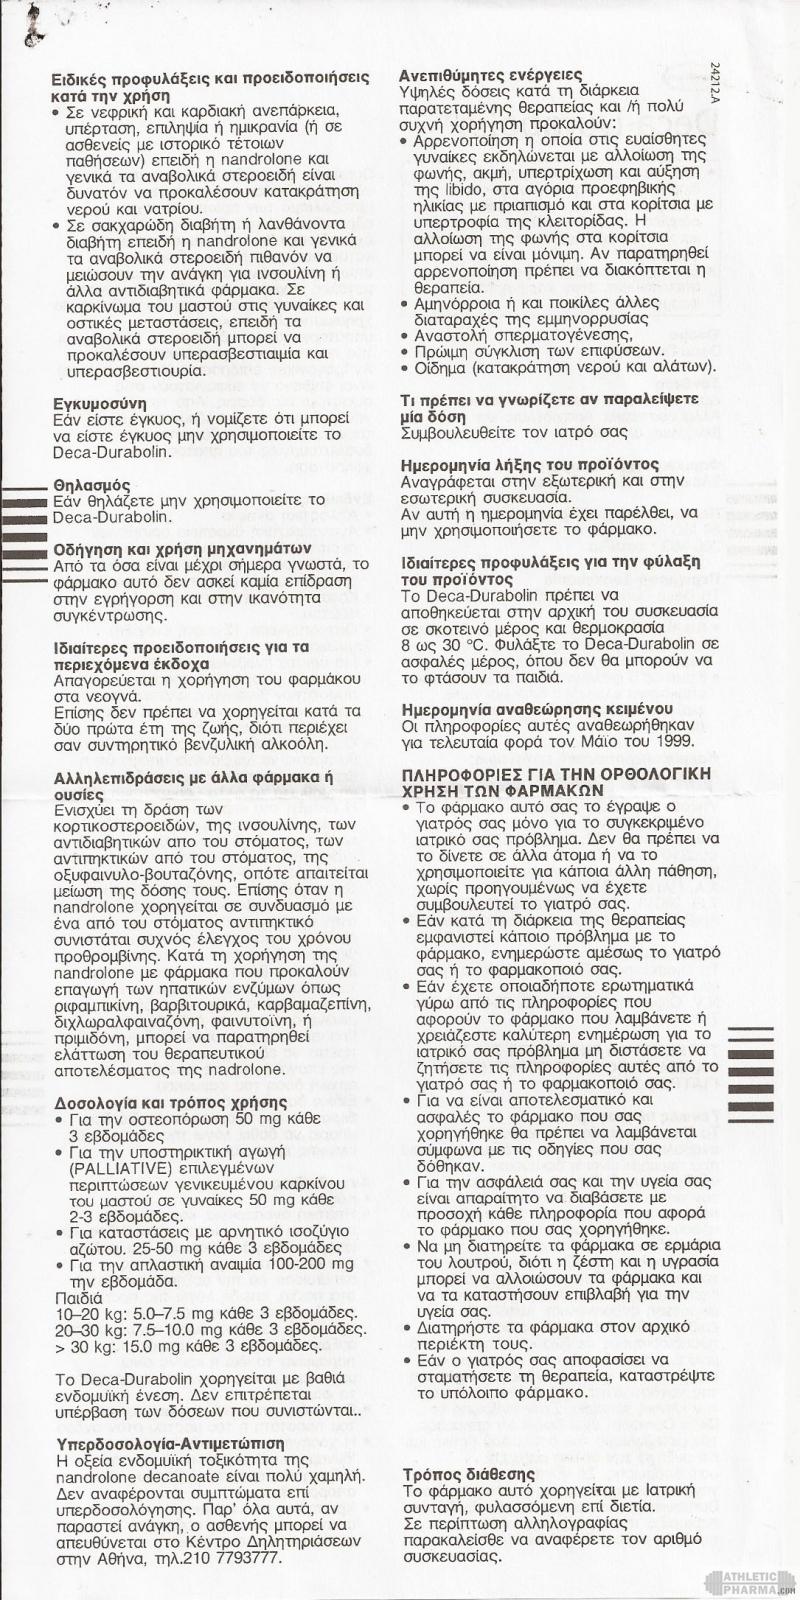 Deсa-durabolin инструкция-2 (вкладыш)